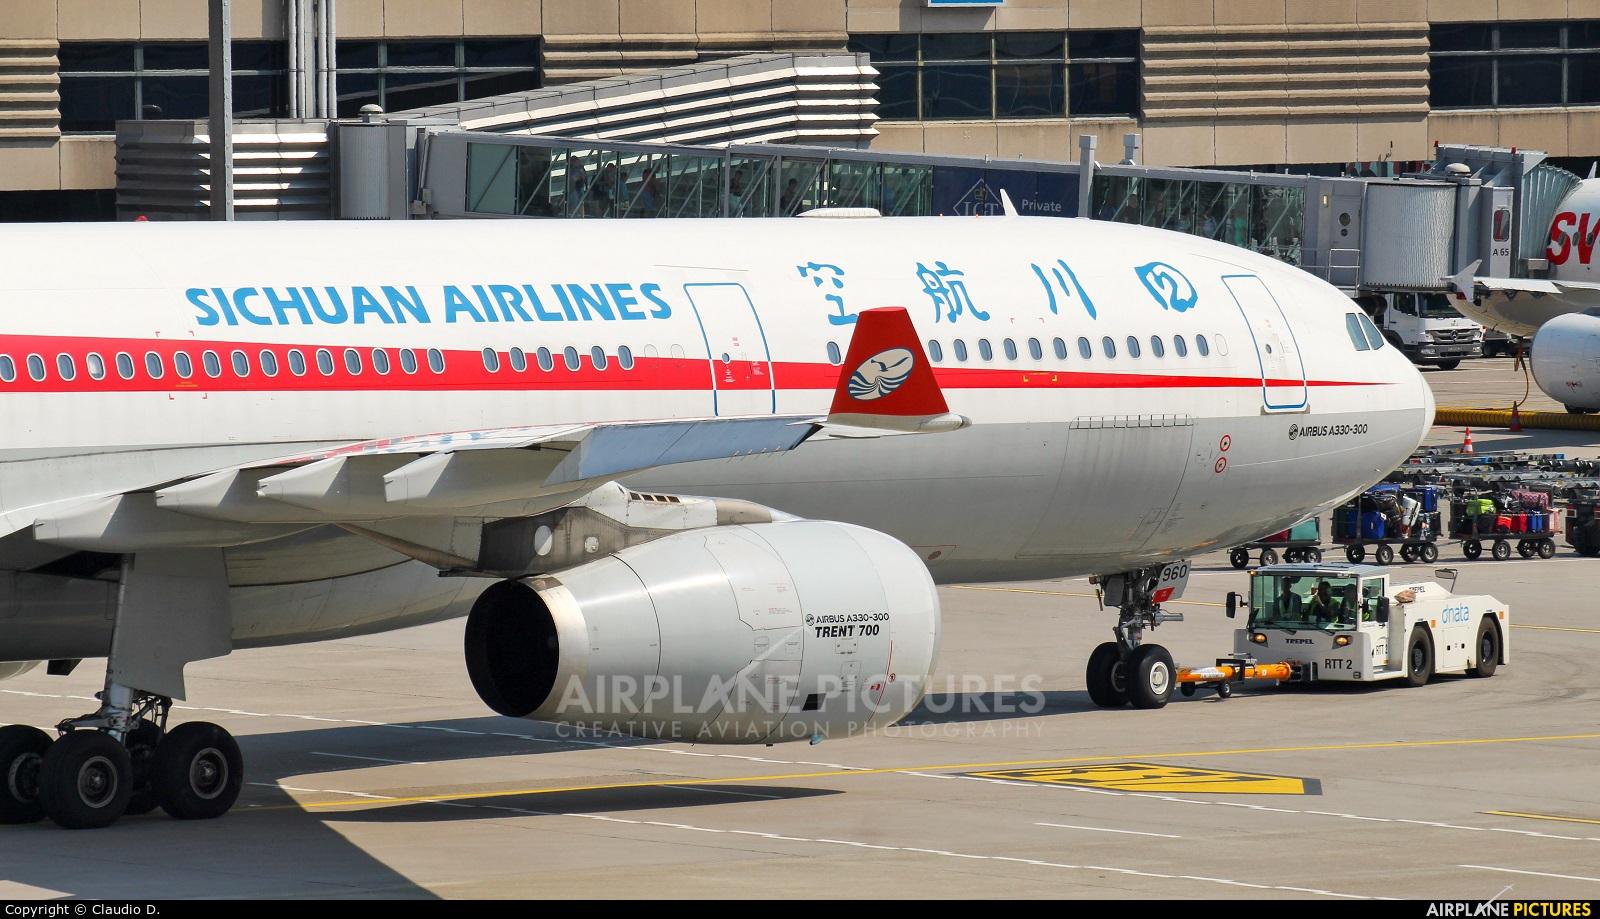 Sichuan Airlines  B-5960 aircraft at Zurich